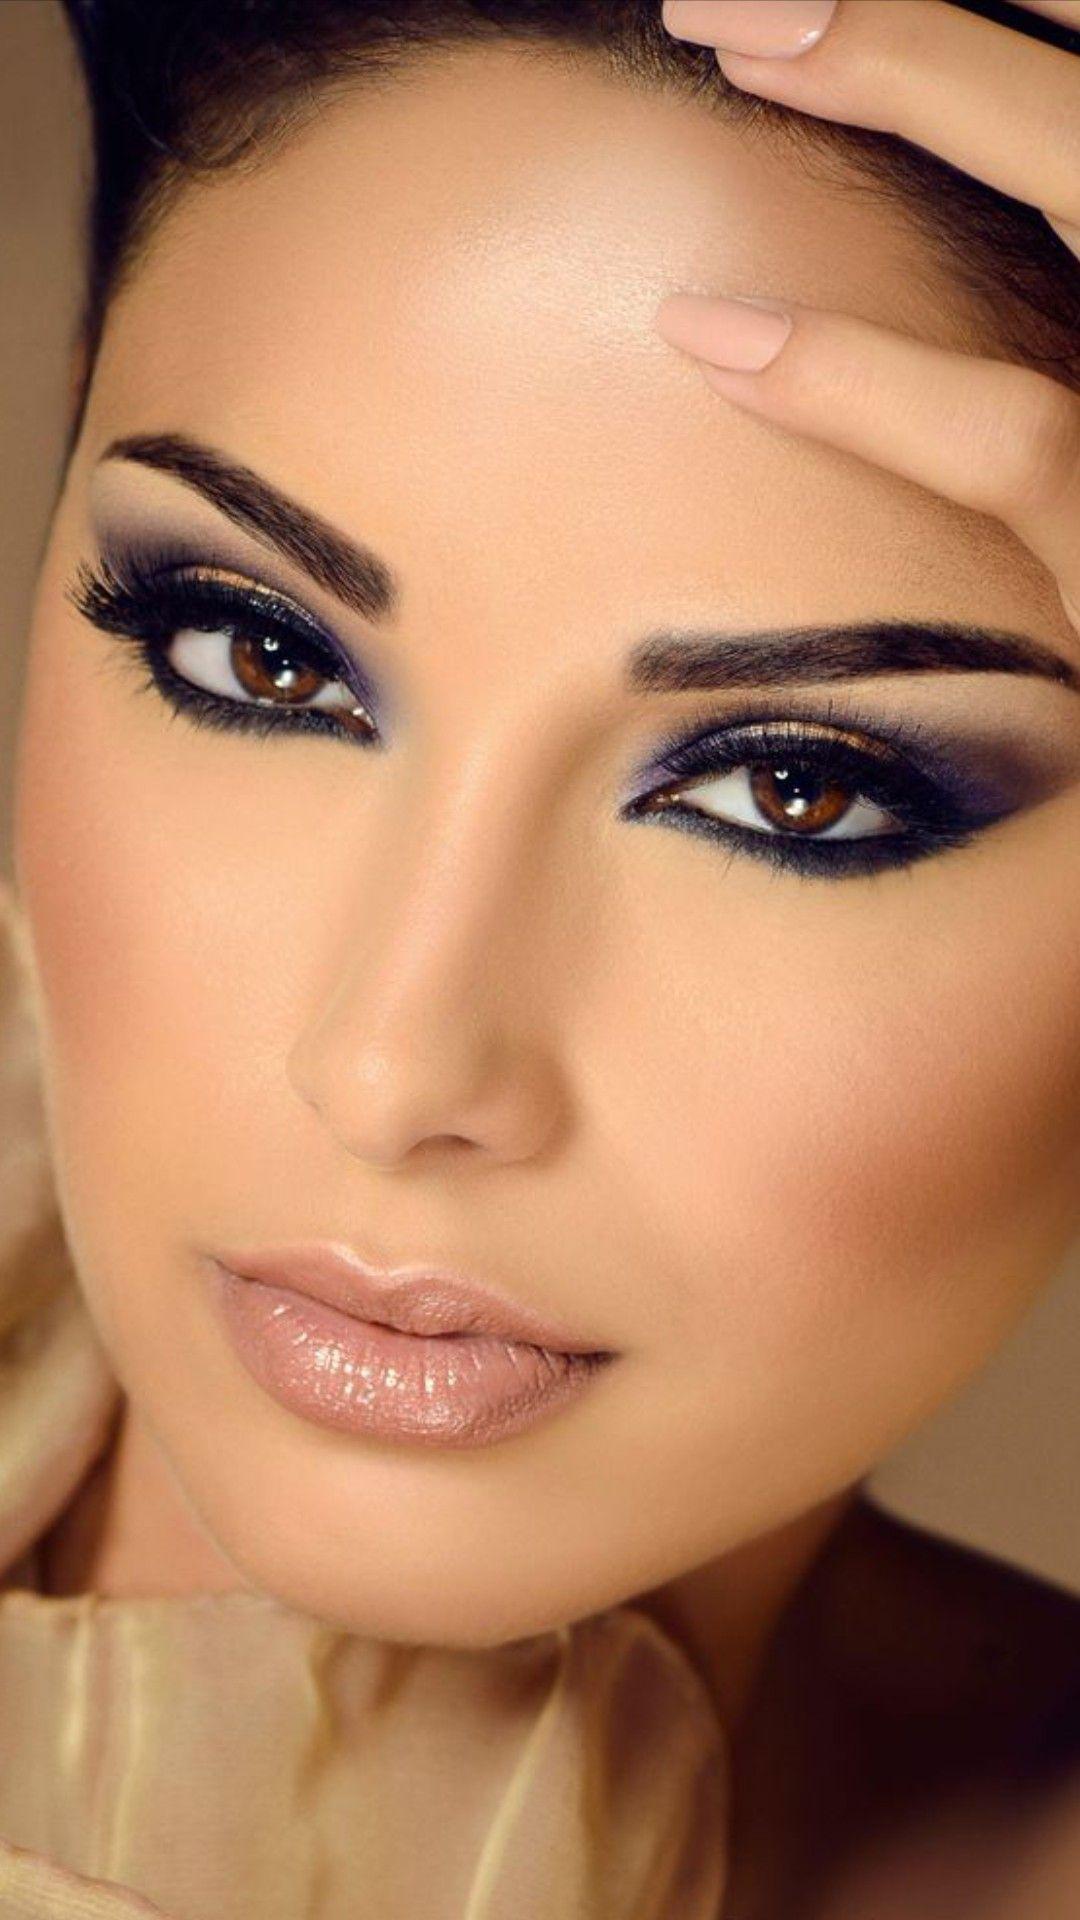 مكياج عرايس 2014 مكياج خليجي عيون مكياج عيون اسود ولبني طريقة تركيب رموش Beauty Bar Beauty Make Up